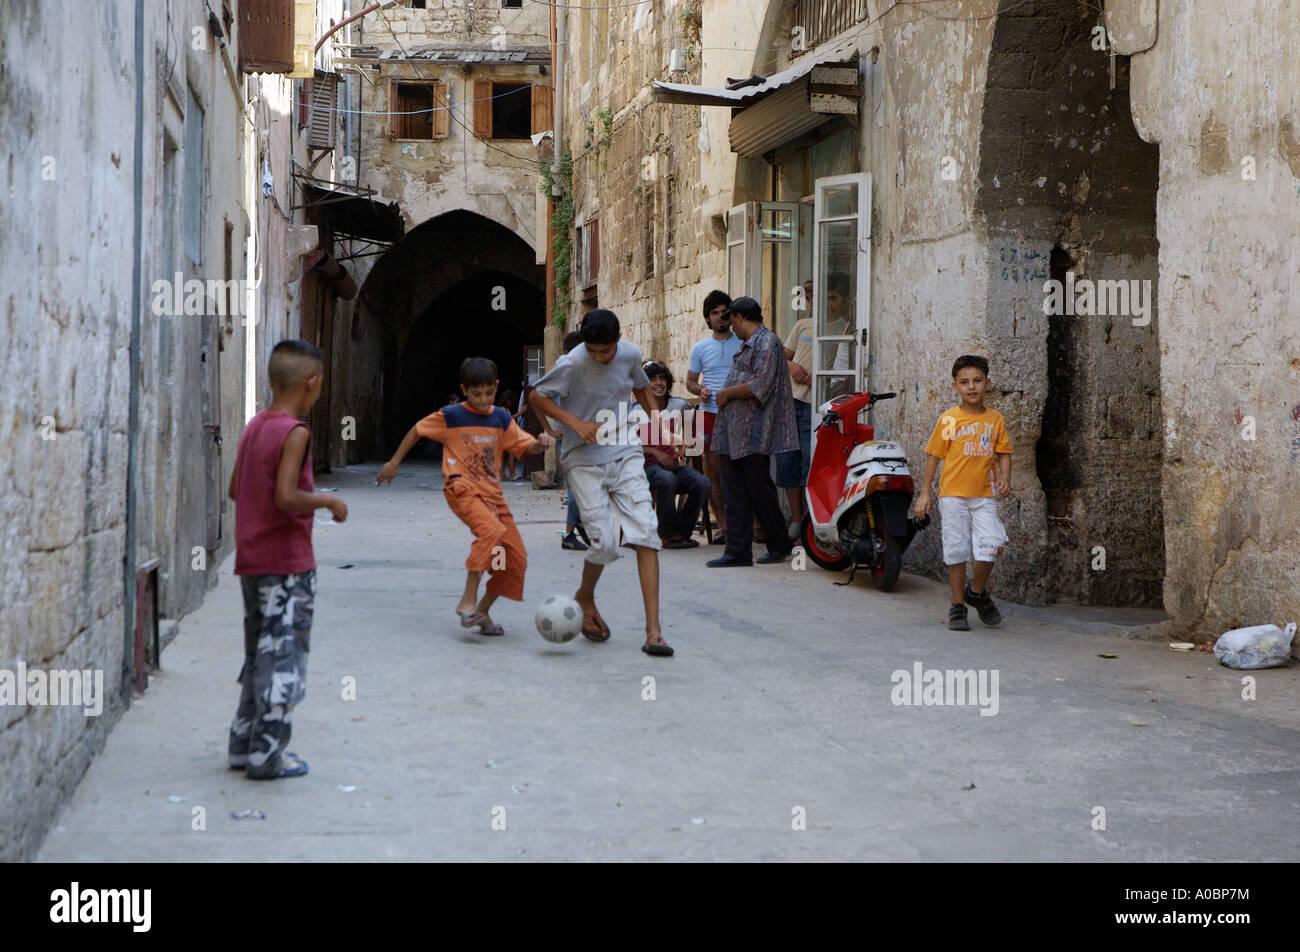 Il mercato storico nel nord della città libanese di Tripoli, Libano. Immagini Stock